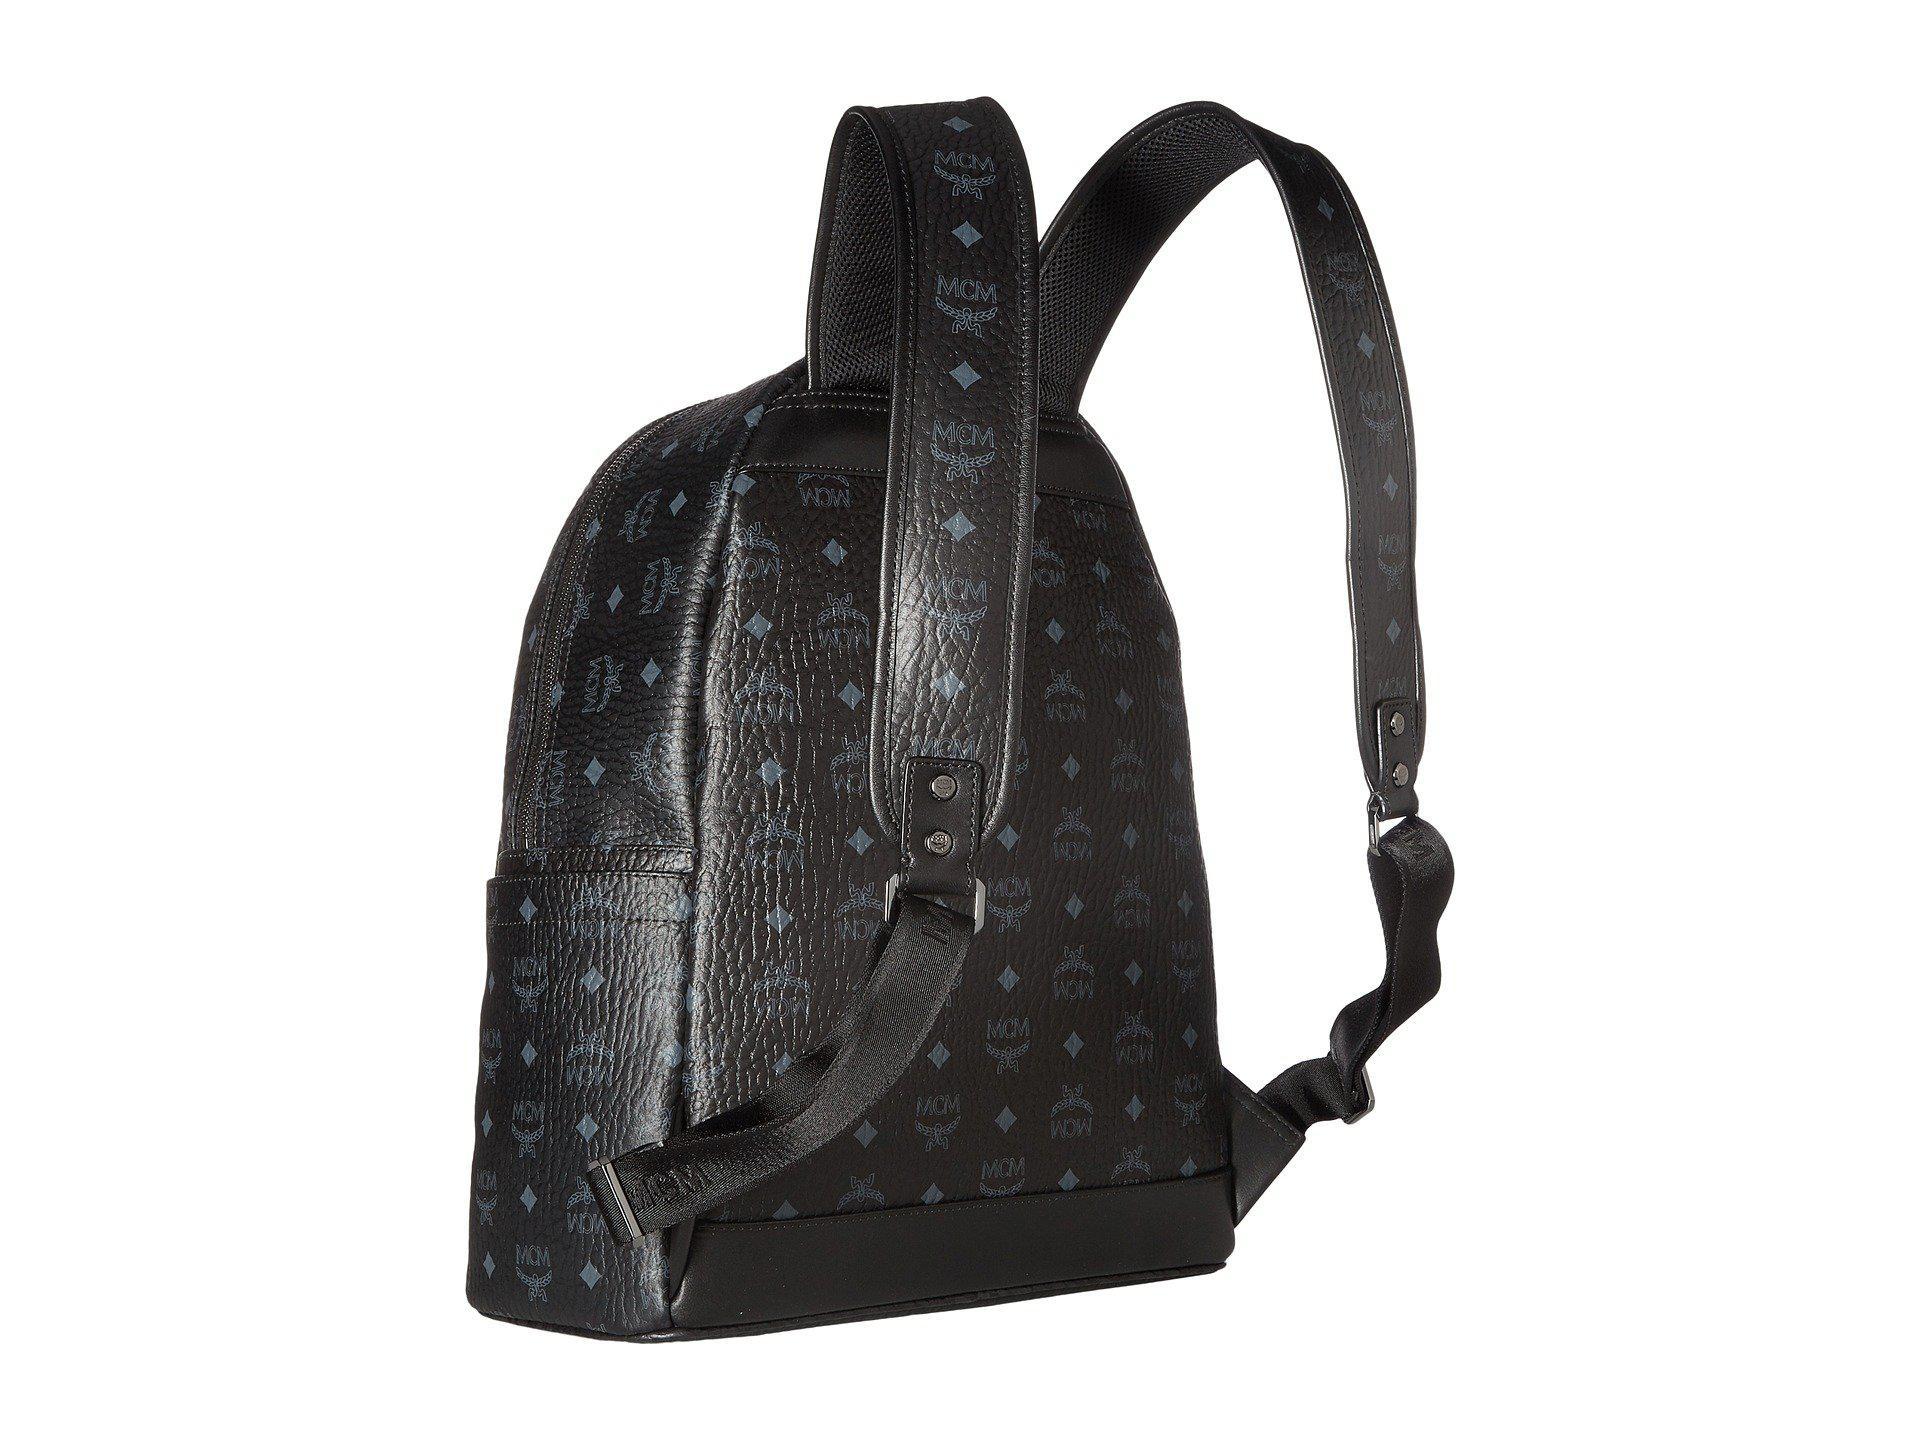 MCM - Black Stark No Stud Medium Backpack (red white) Backpack Bags for.  View fullscreen 4d238e553c77e